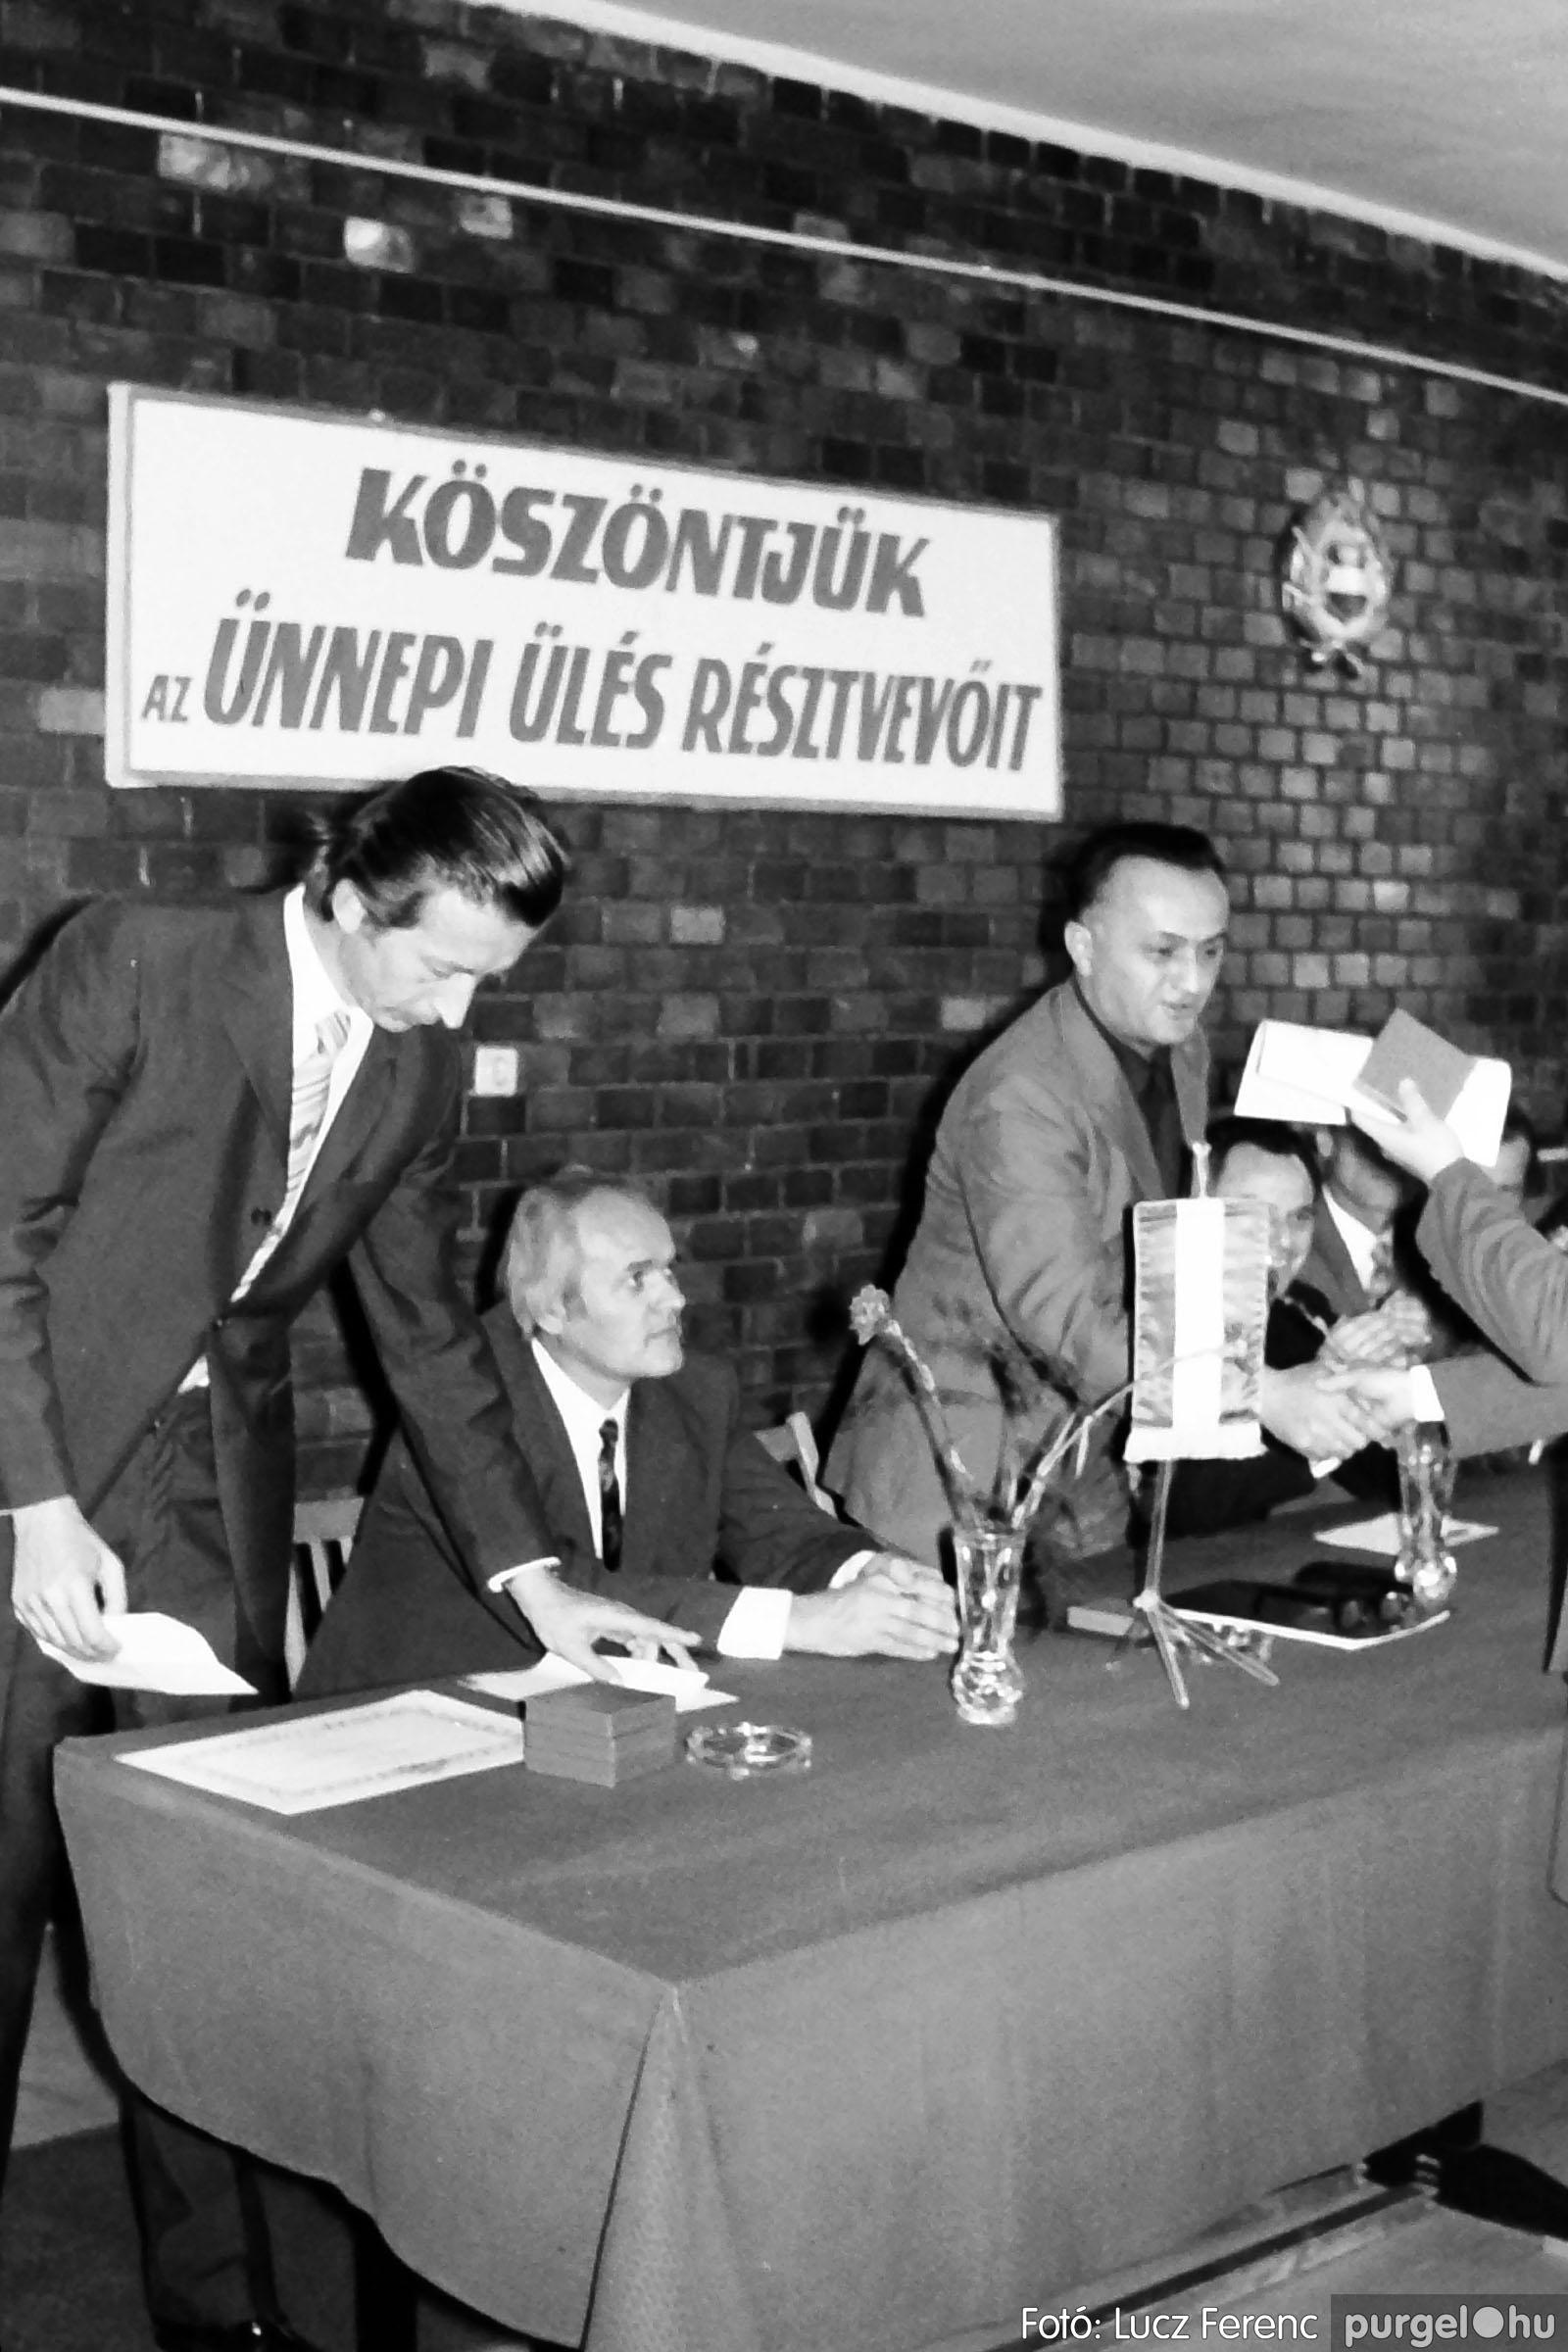 022 1975. Ünnepi ülés a tanácsházán 006 - Fotó: Lucz Ferenc .jpg